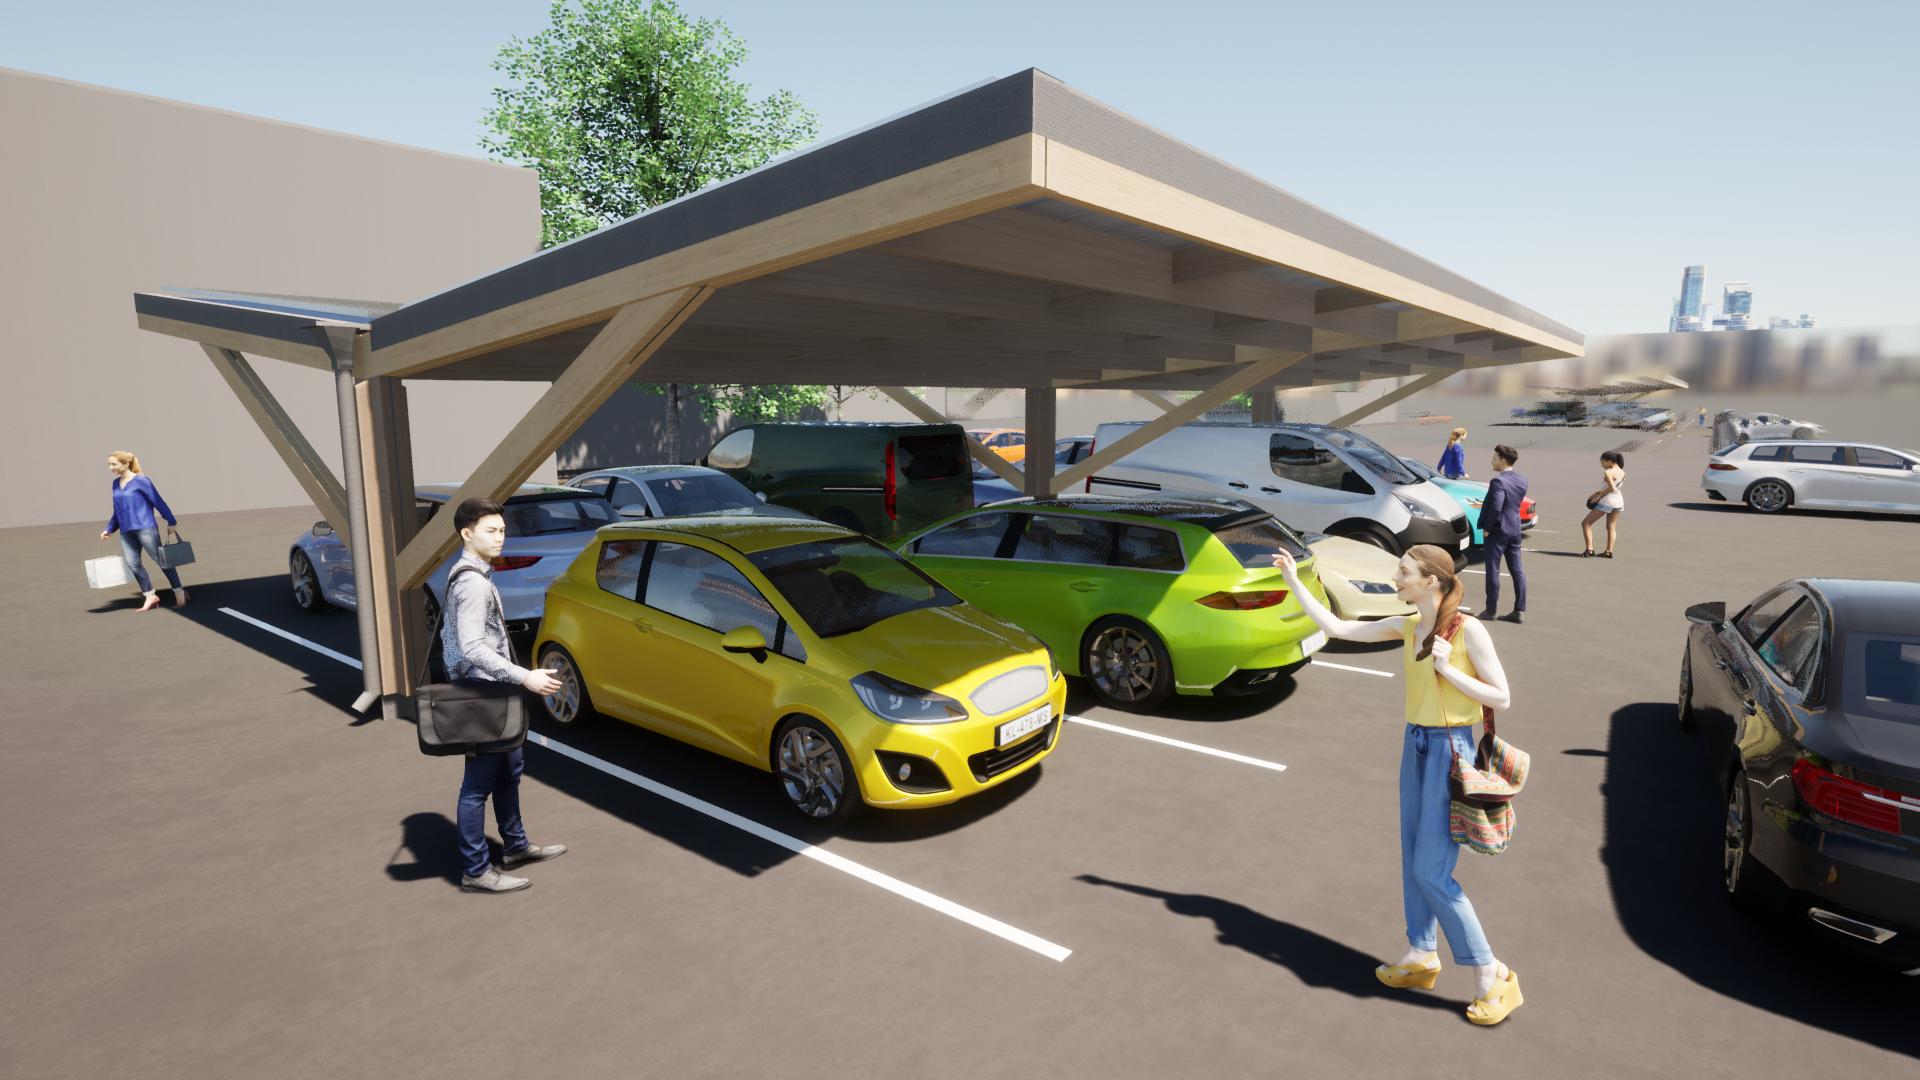 Timber carpark 3